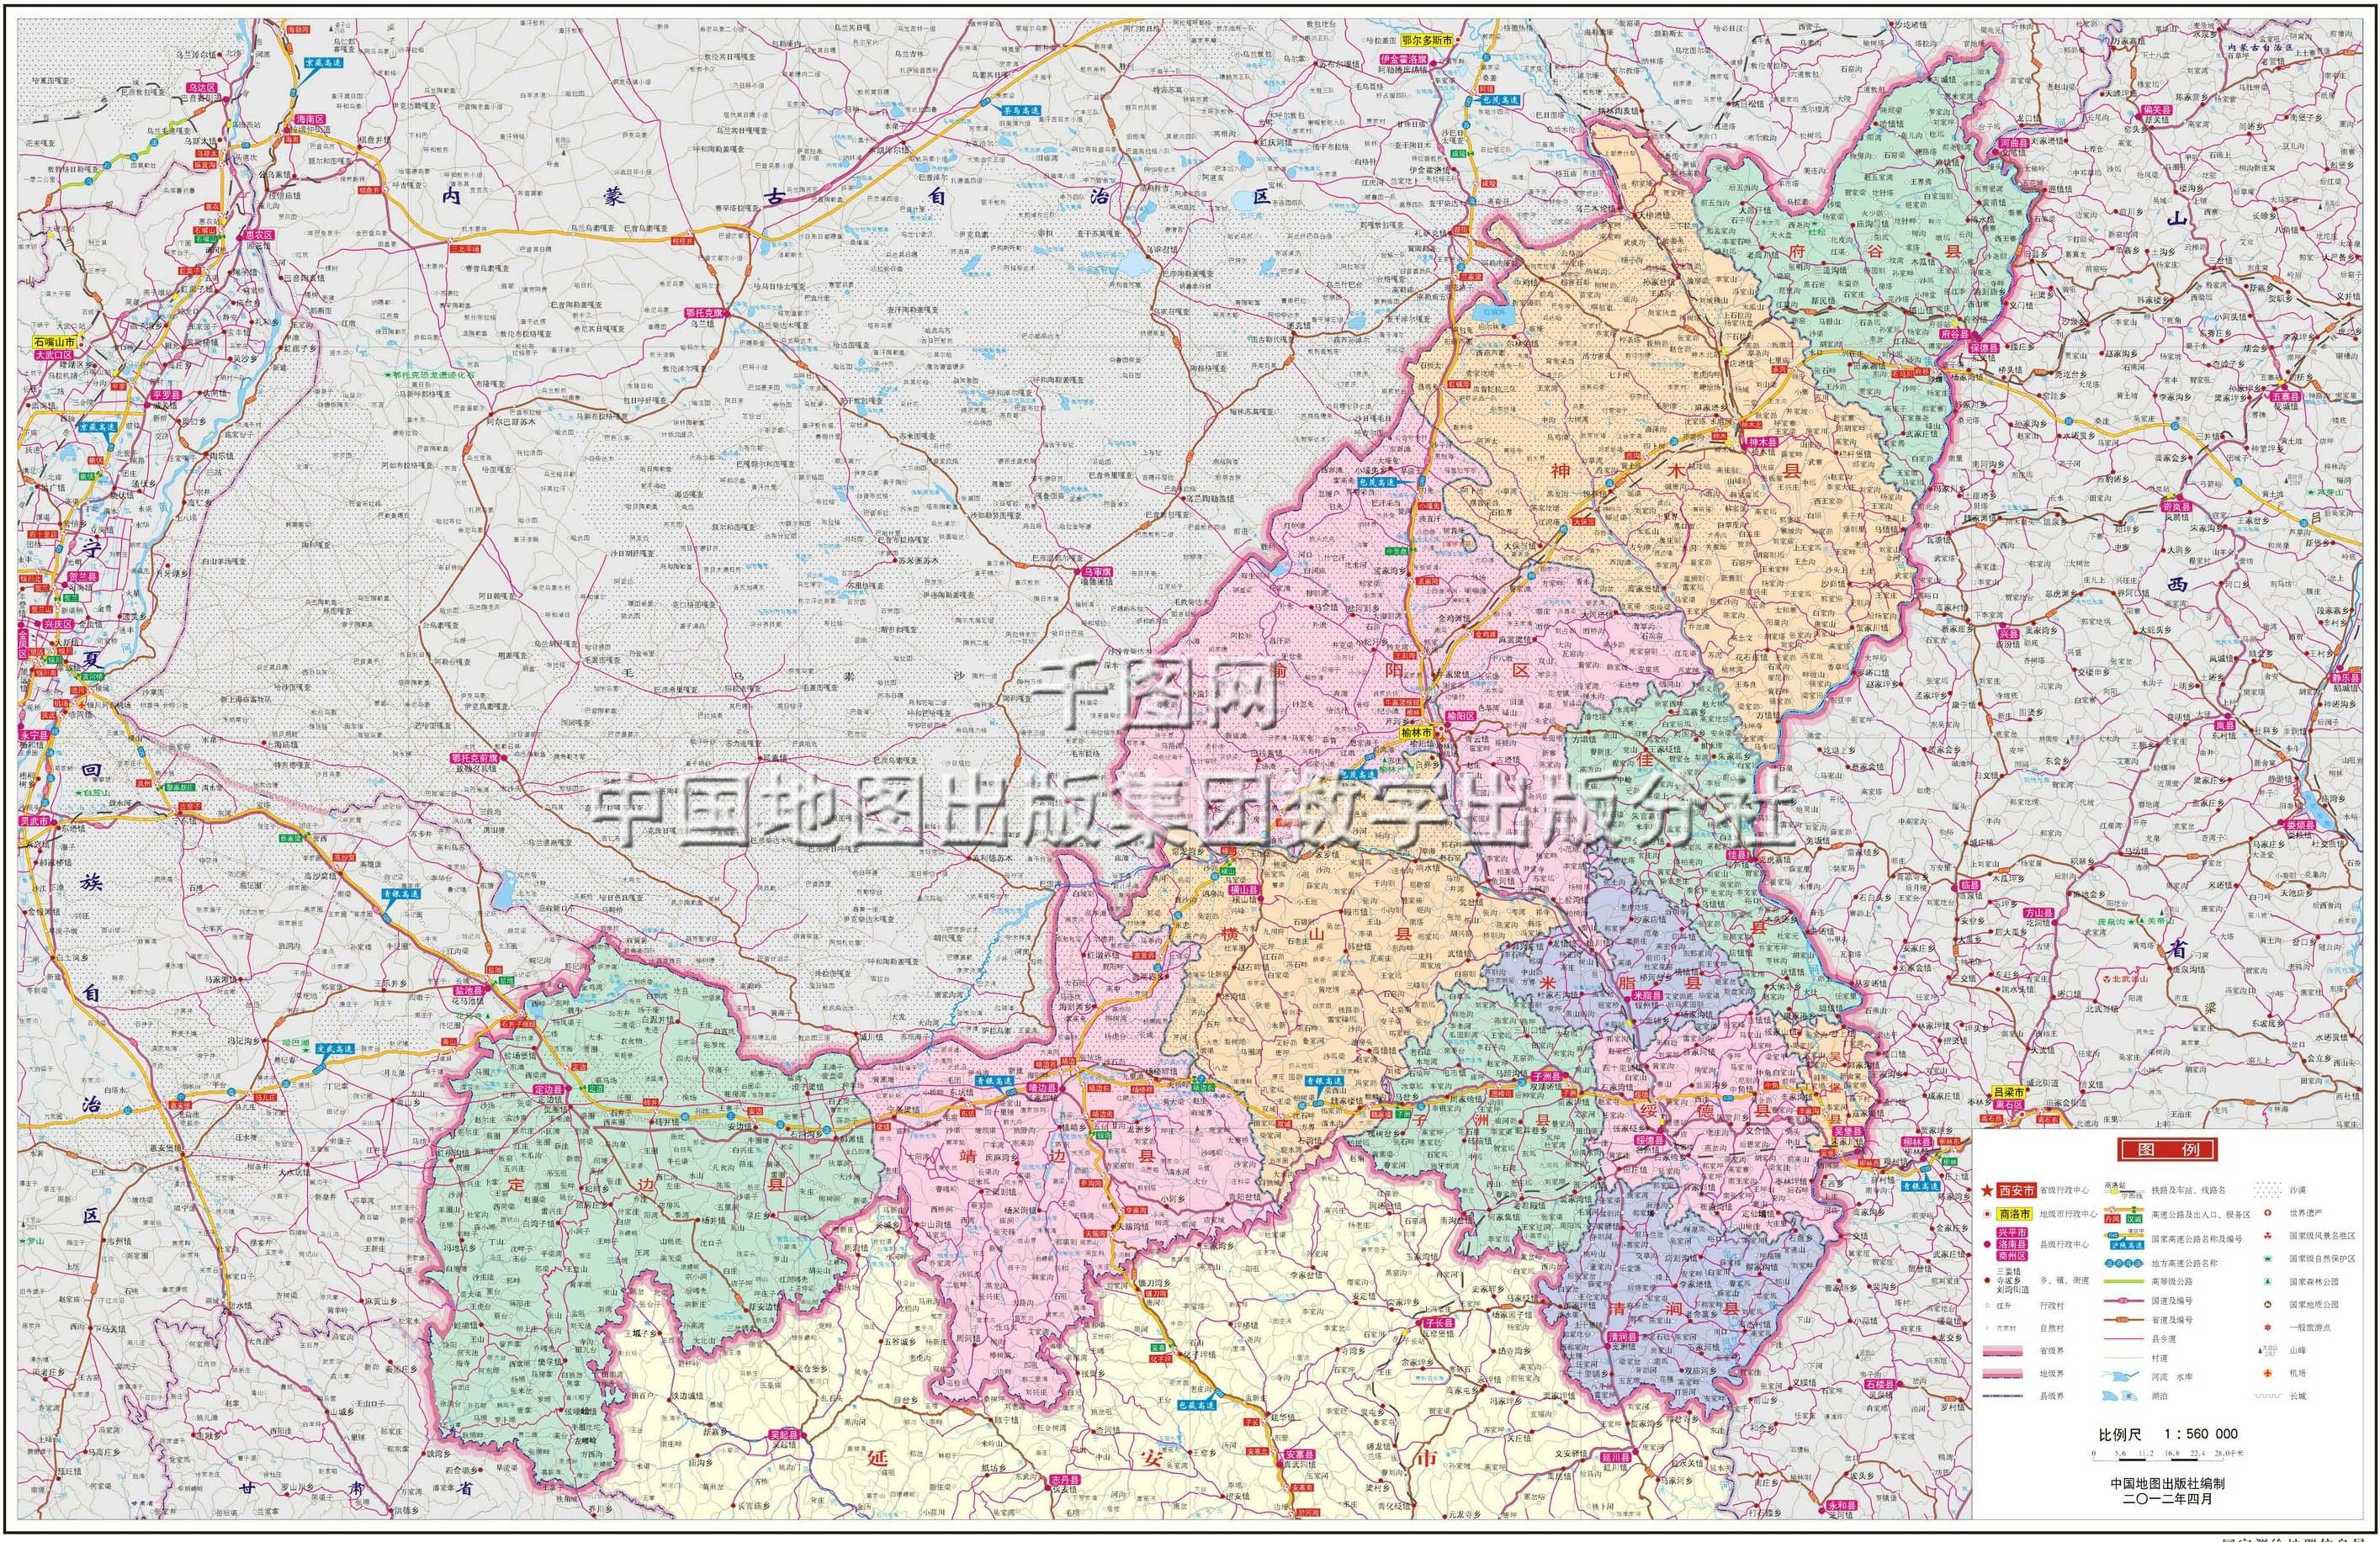 榆林市区地图内容榆林市区地图版面设计图片